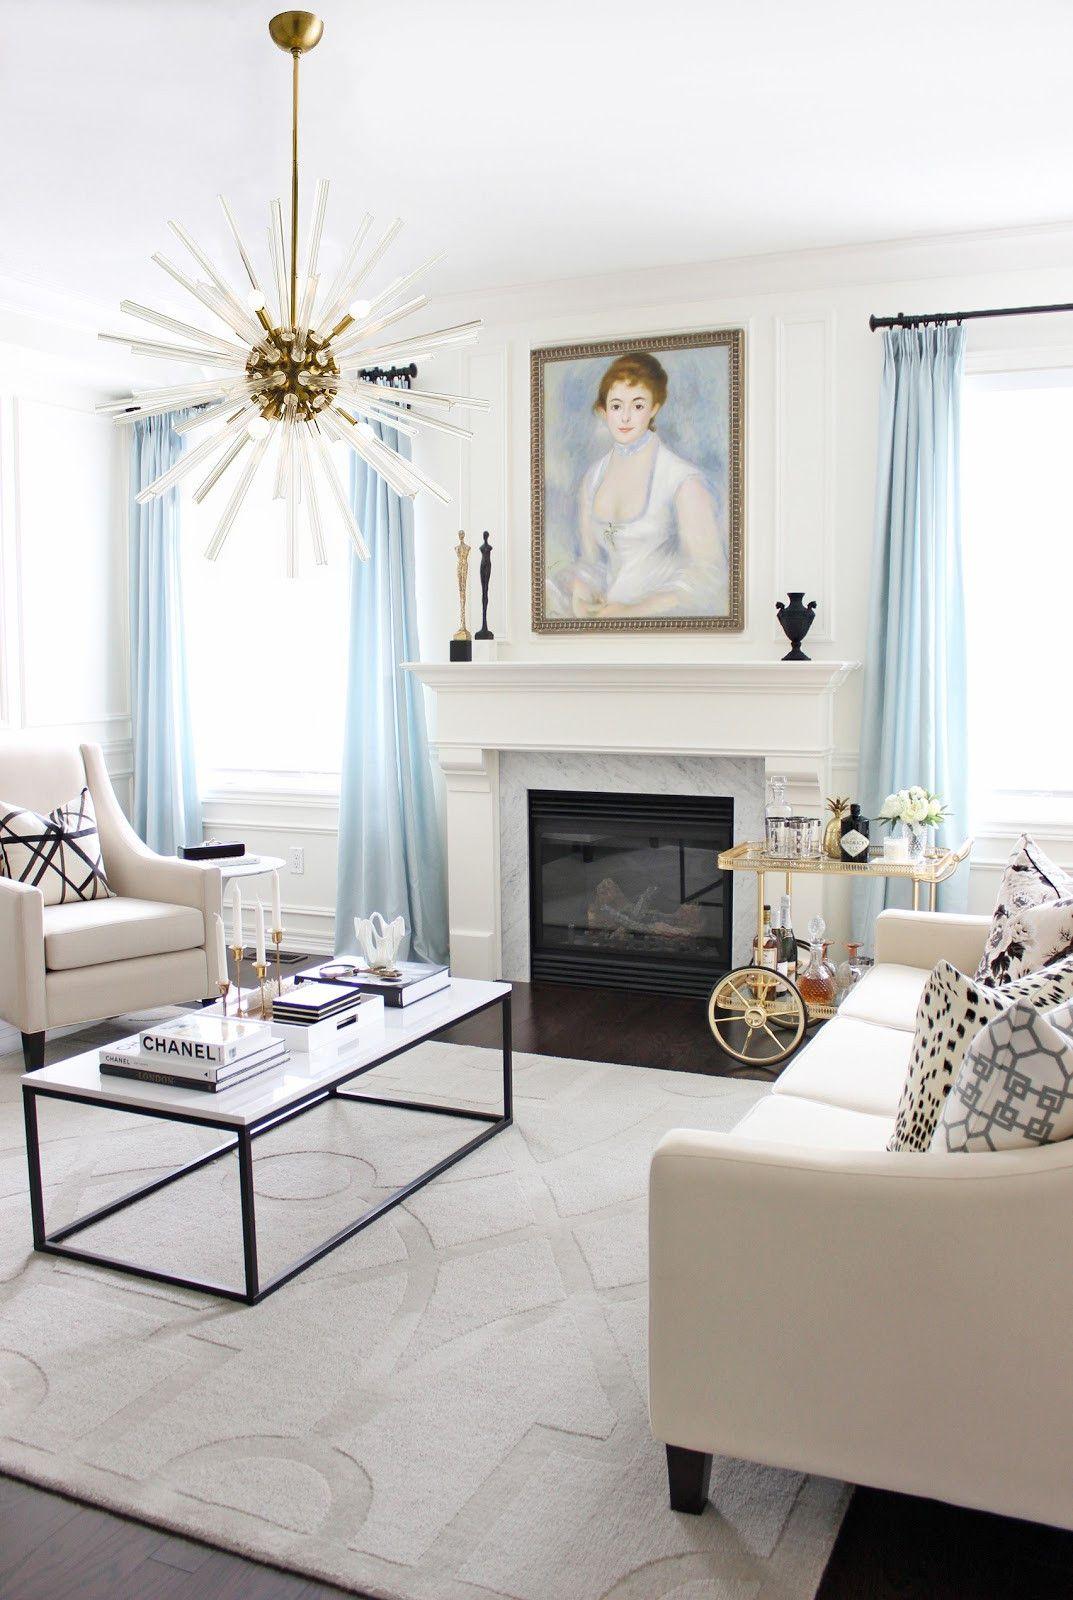 Glacier Drop Chandelier | Pinterest | Chandeliers, Living rooms and ...